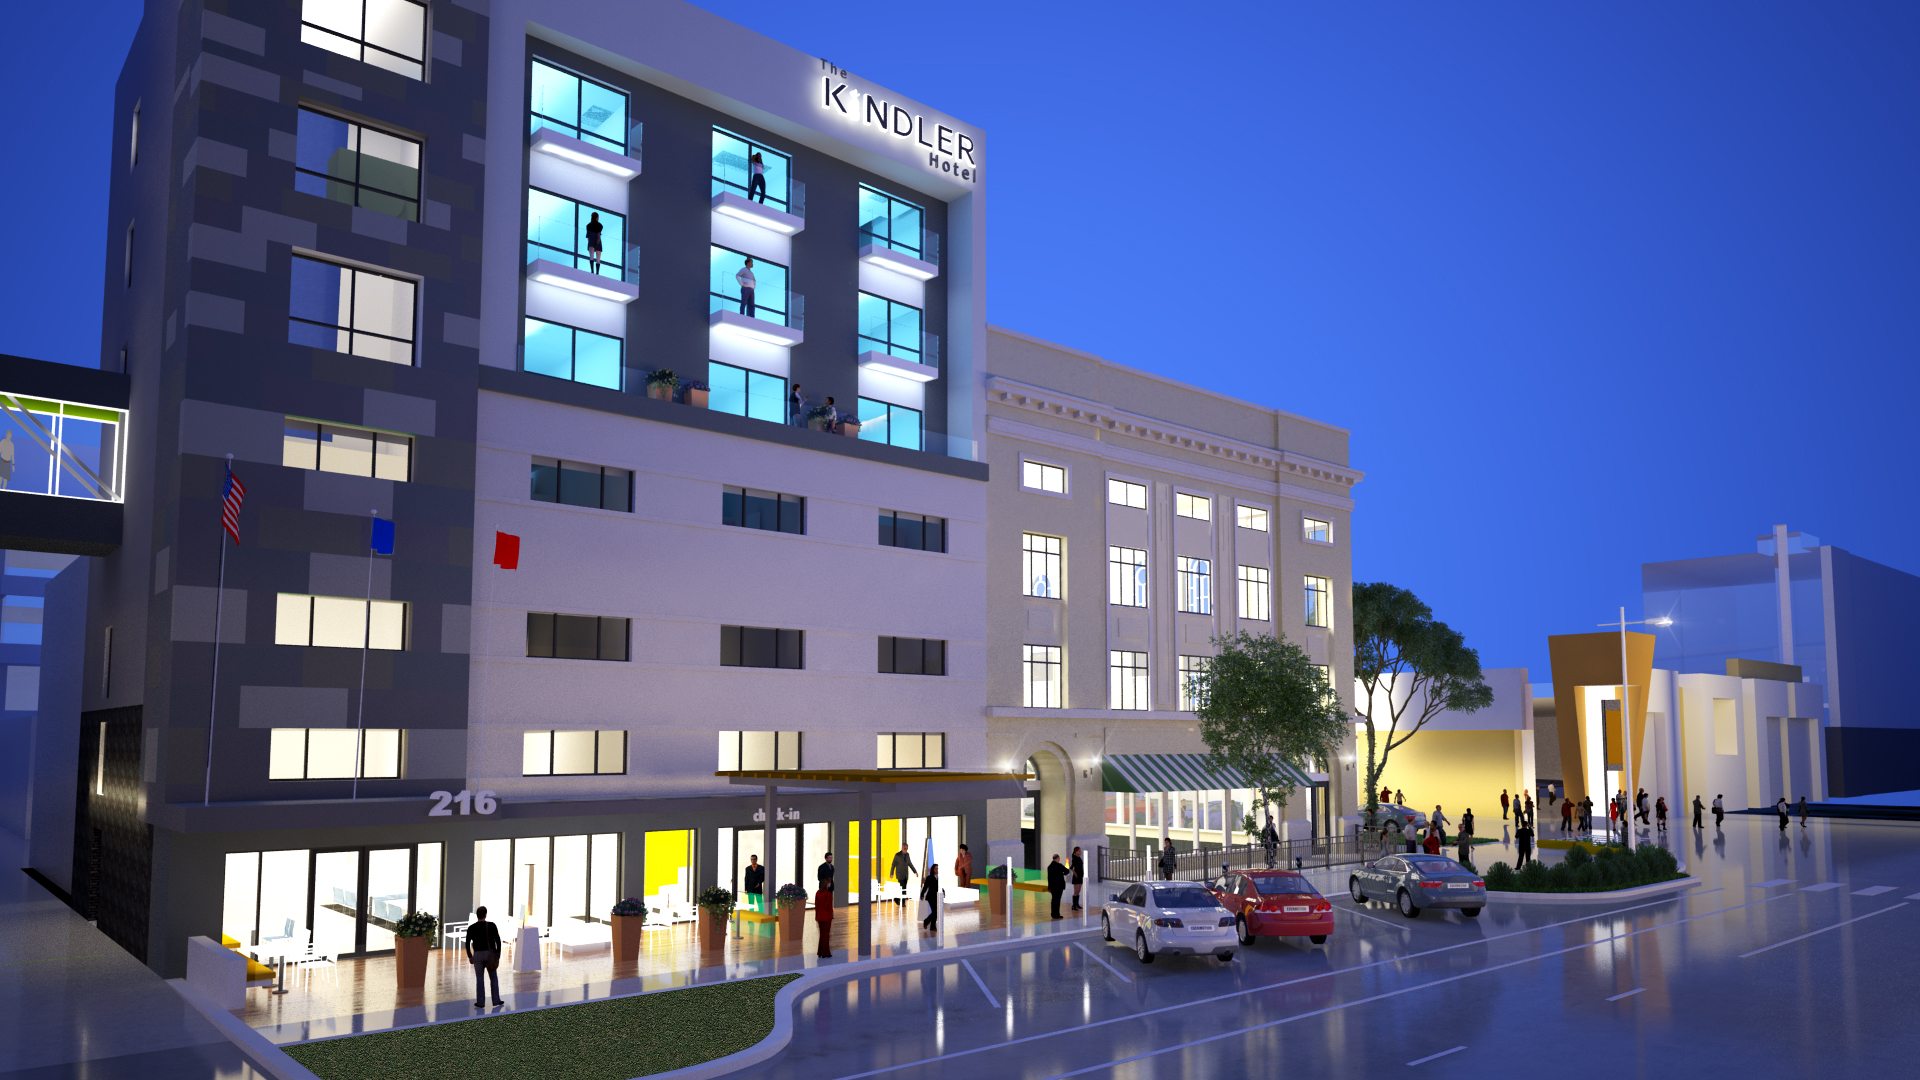 The Kindler Hotel